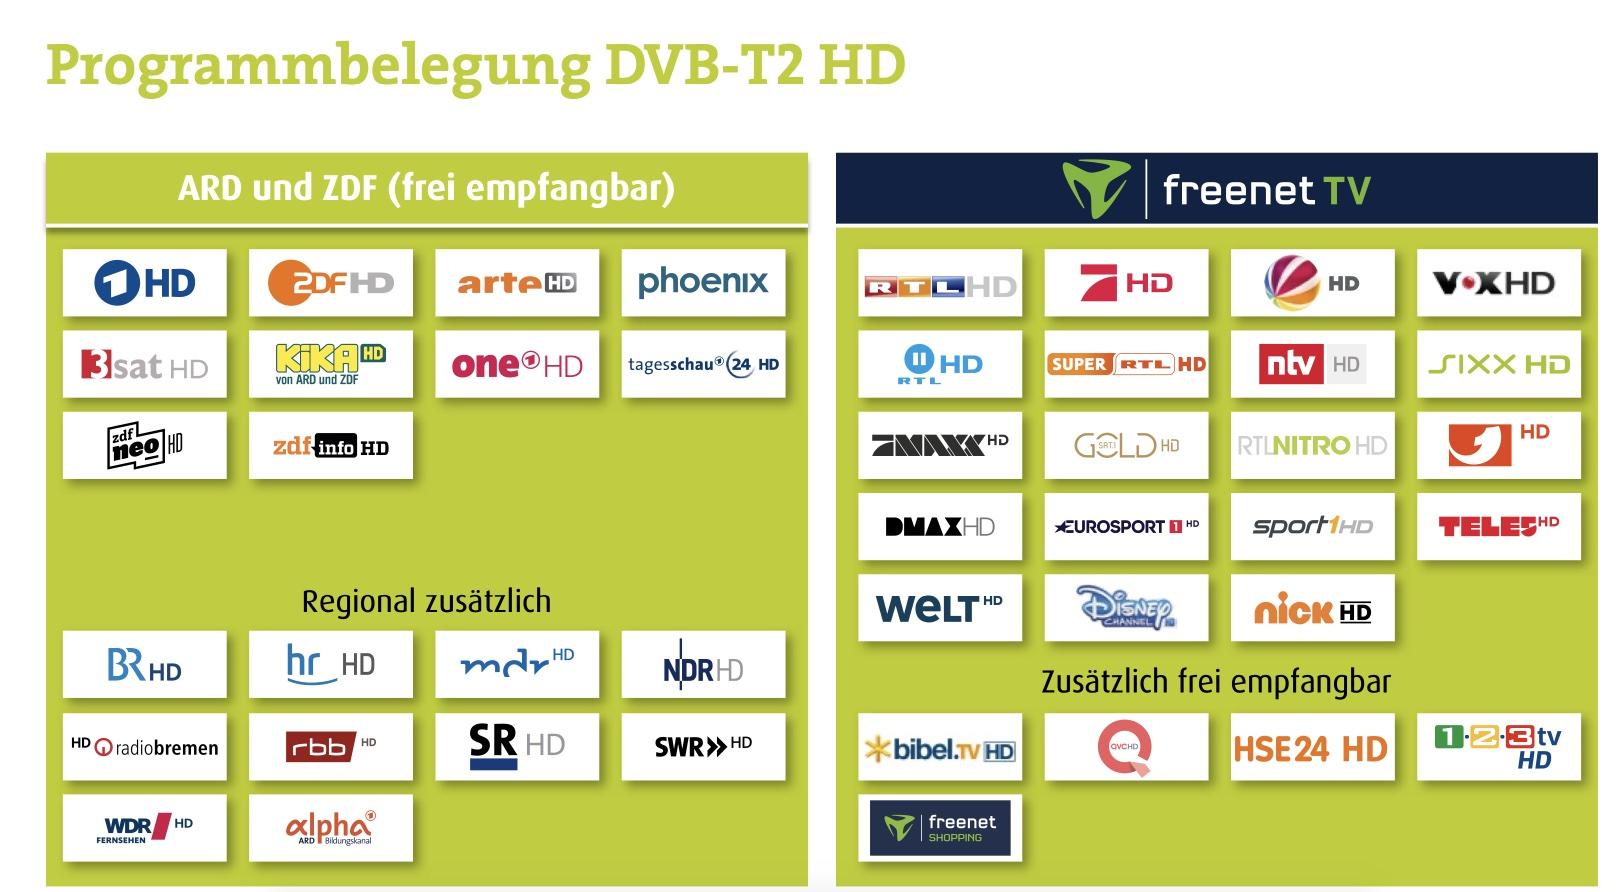 Programmbelegung_DVB-T2_HD_2020